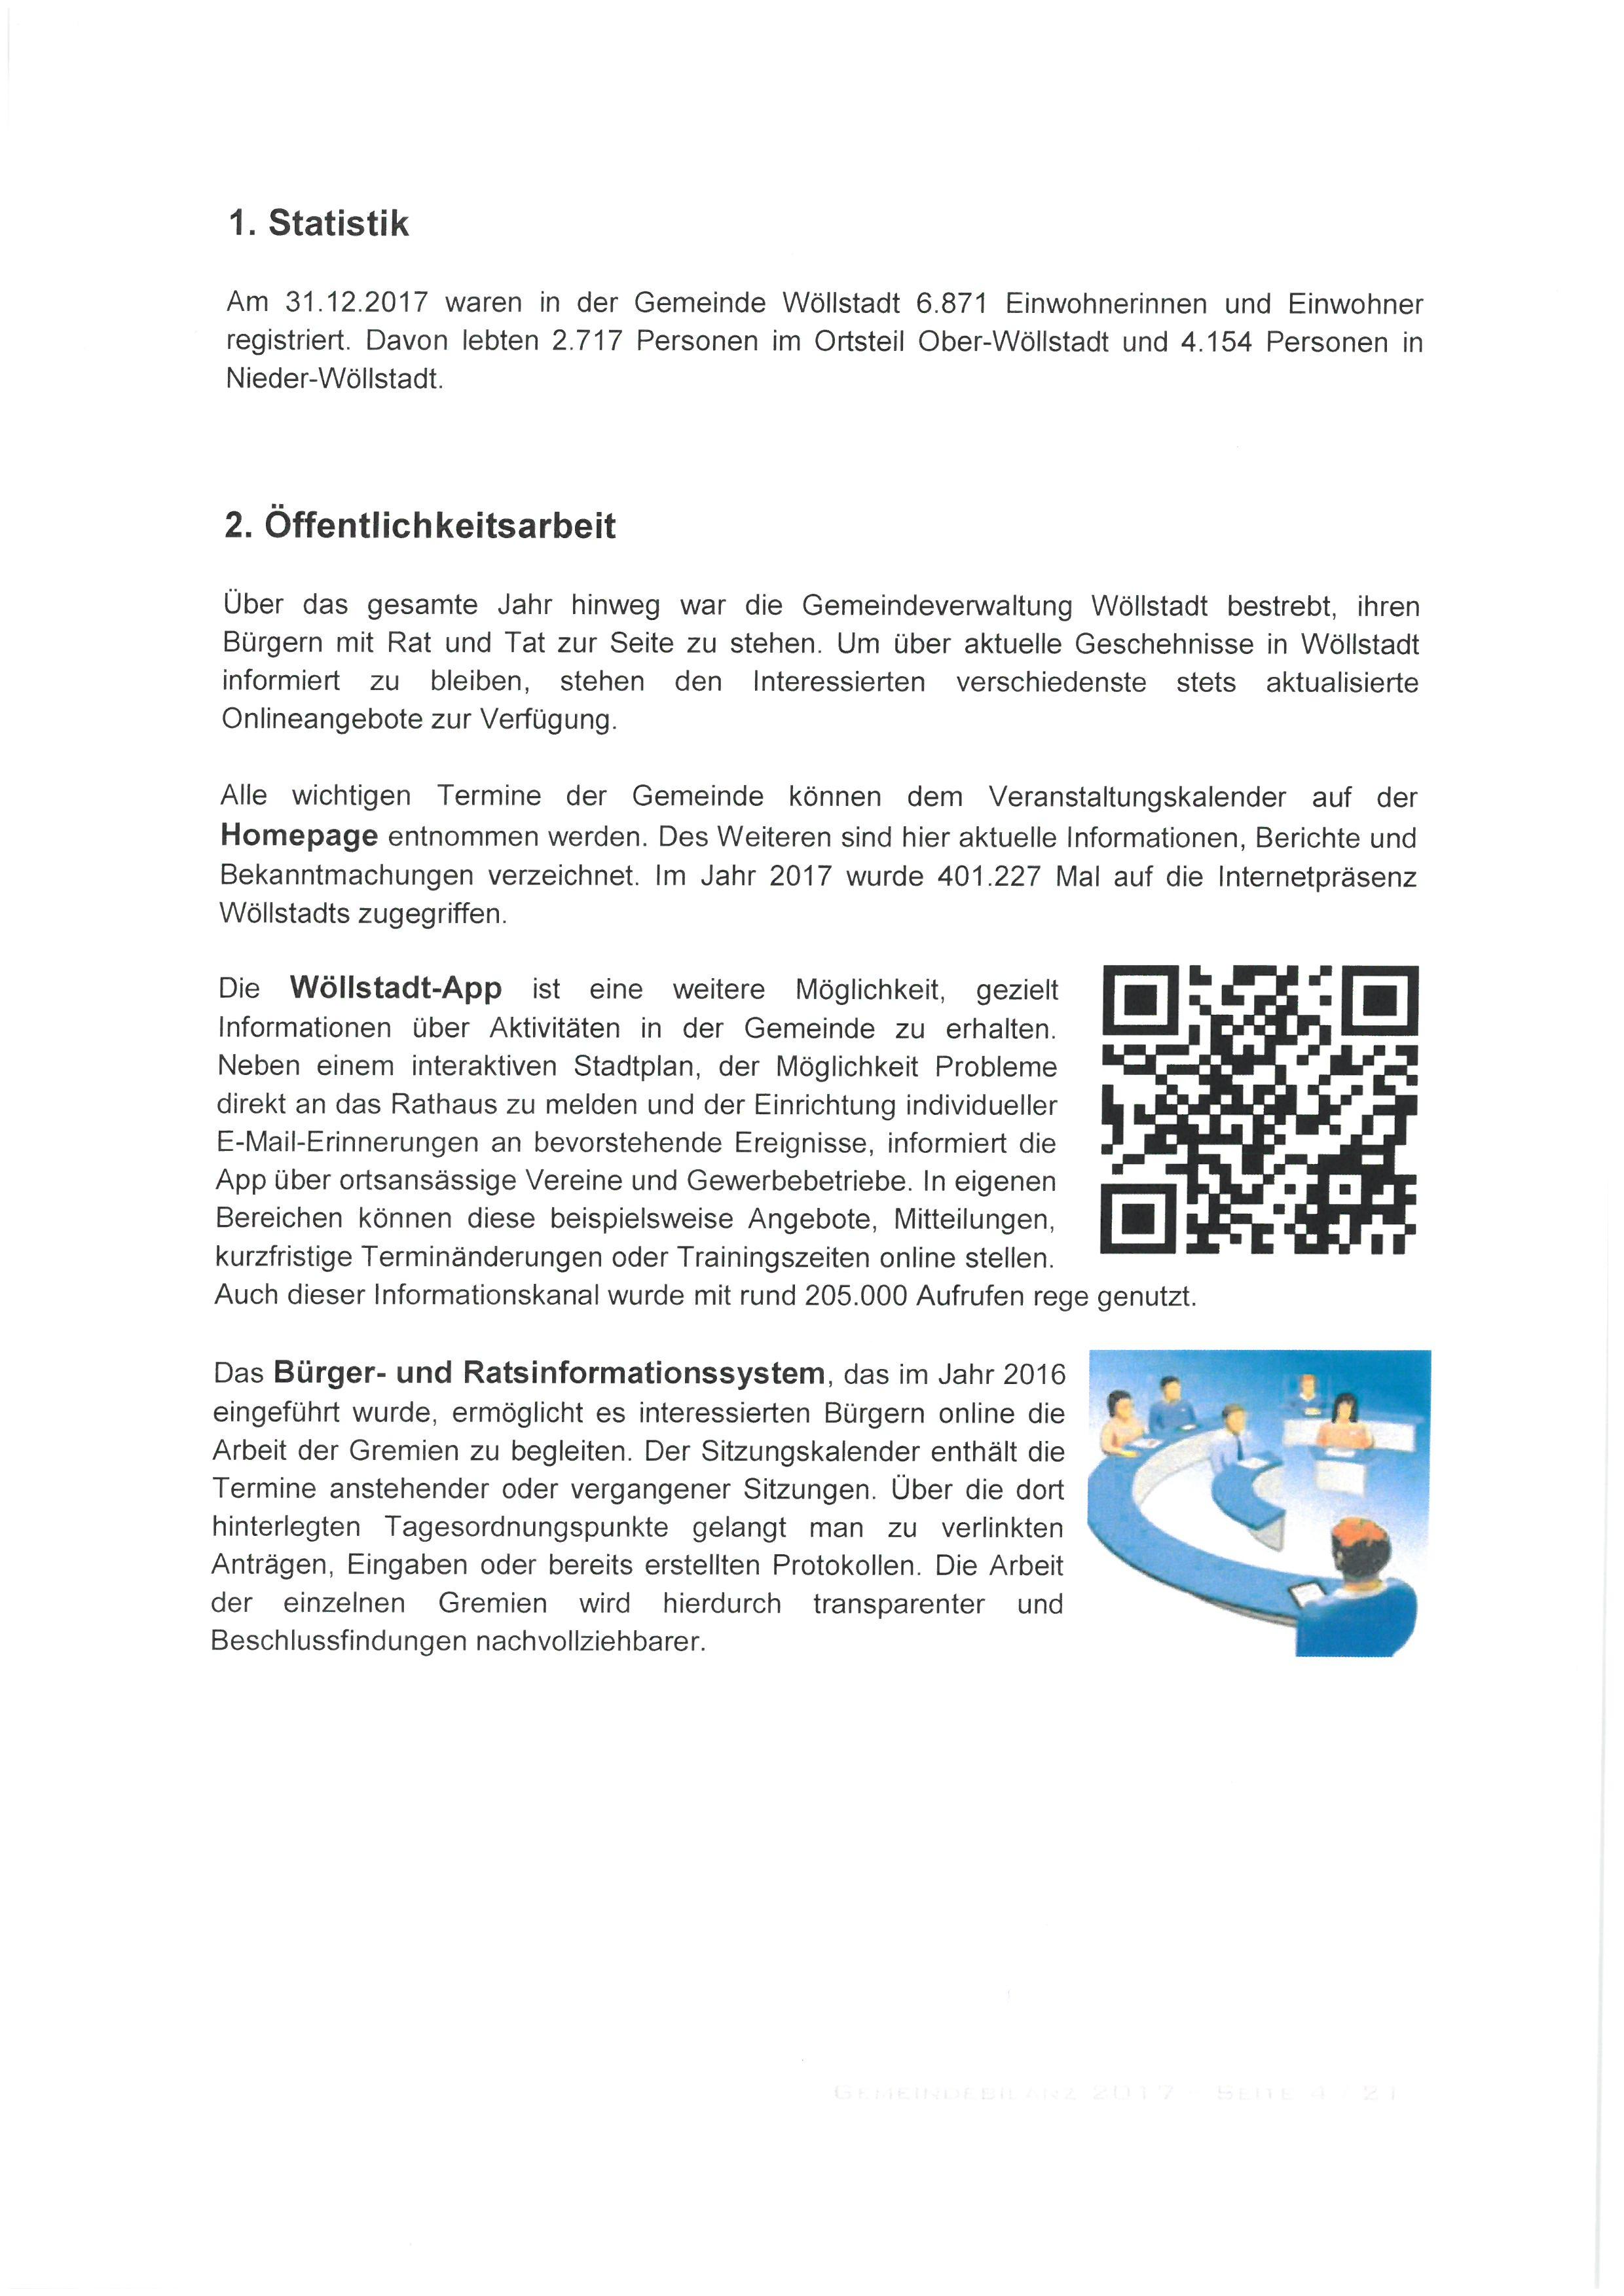 Niedlich Arbeitsblattvorlage Für Aktuelle Ereignisse Galerie - Entry ...